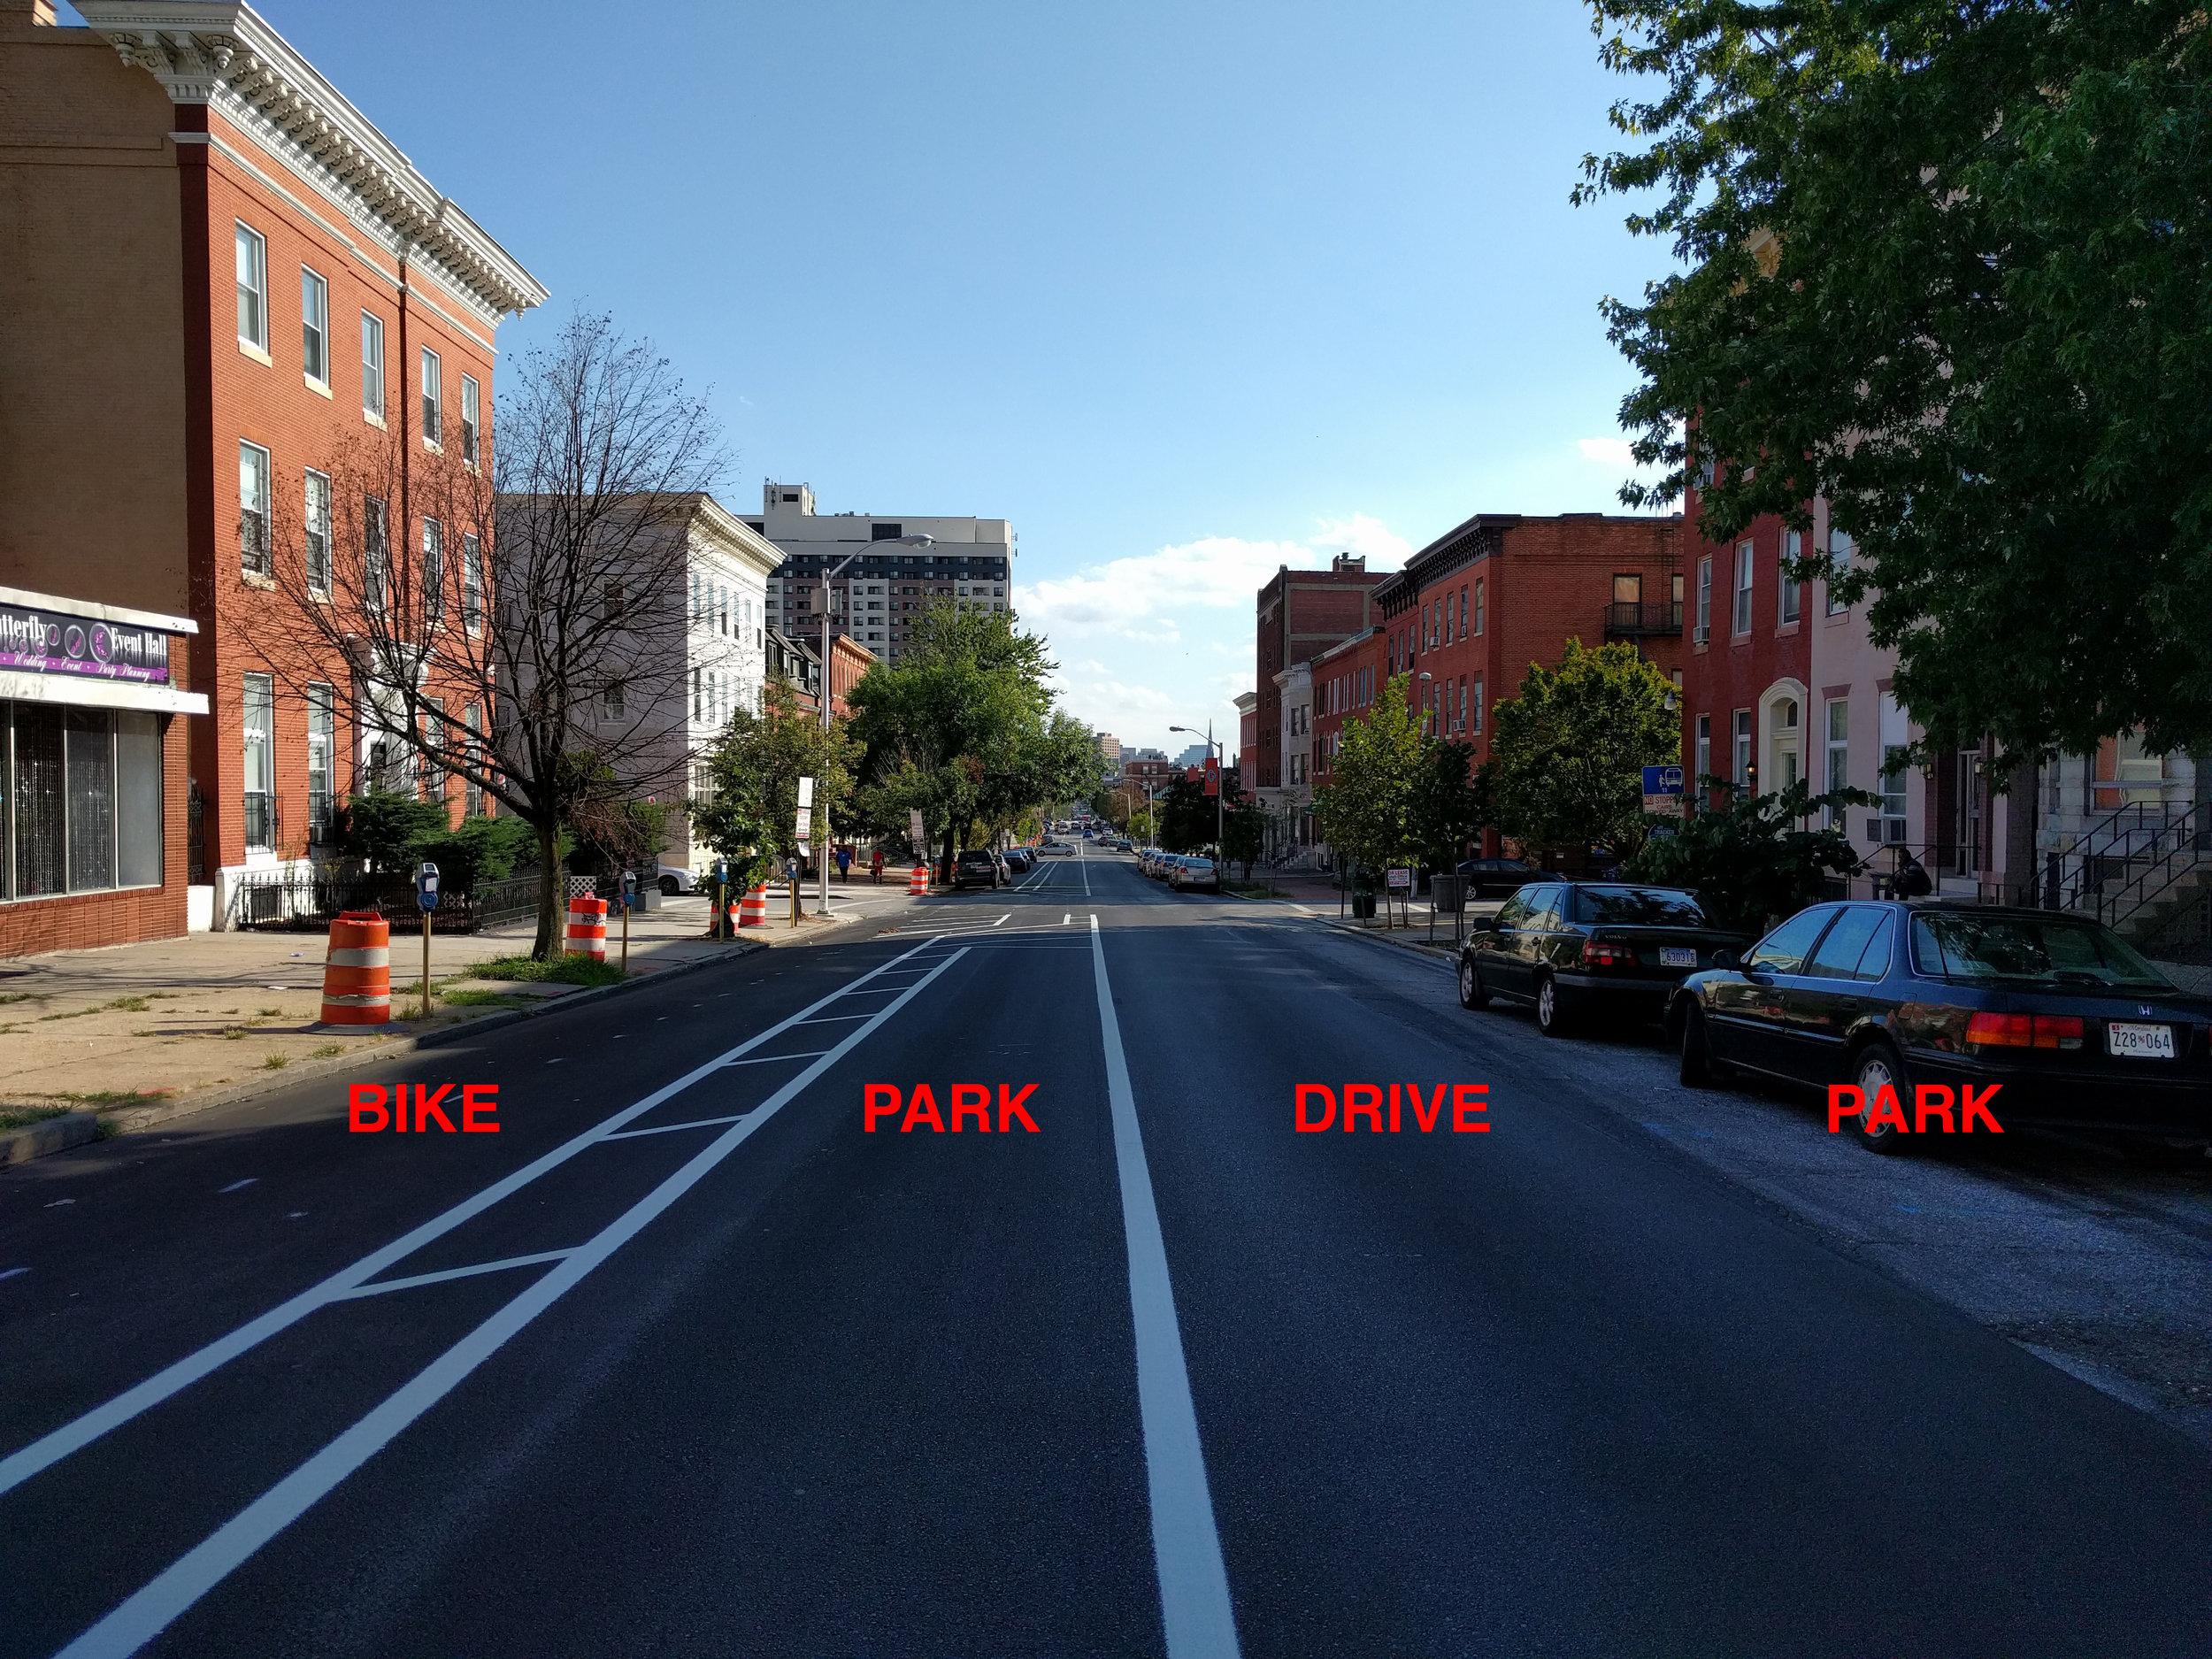 Left to right: two-way bike lane, parking lane, car driving lane, parking lane.